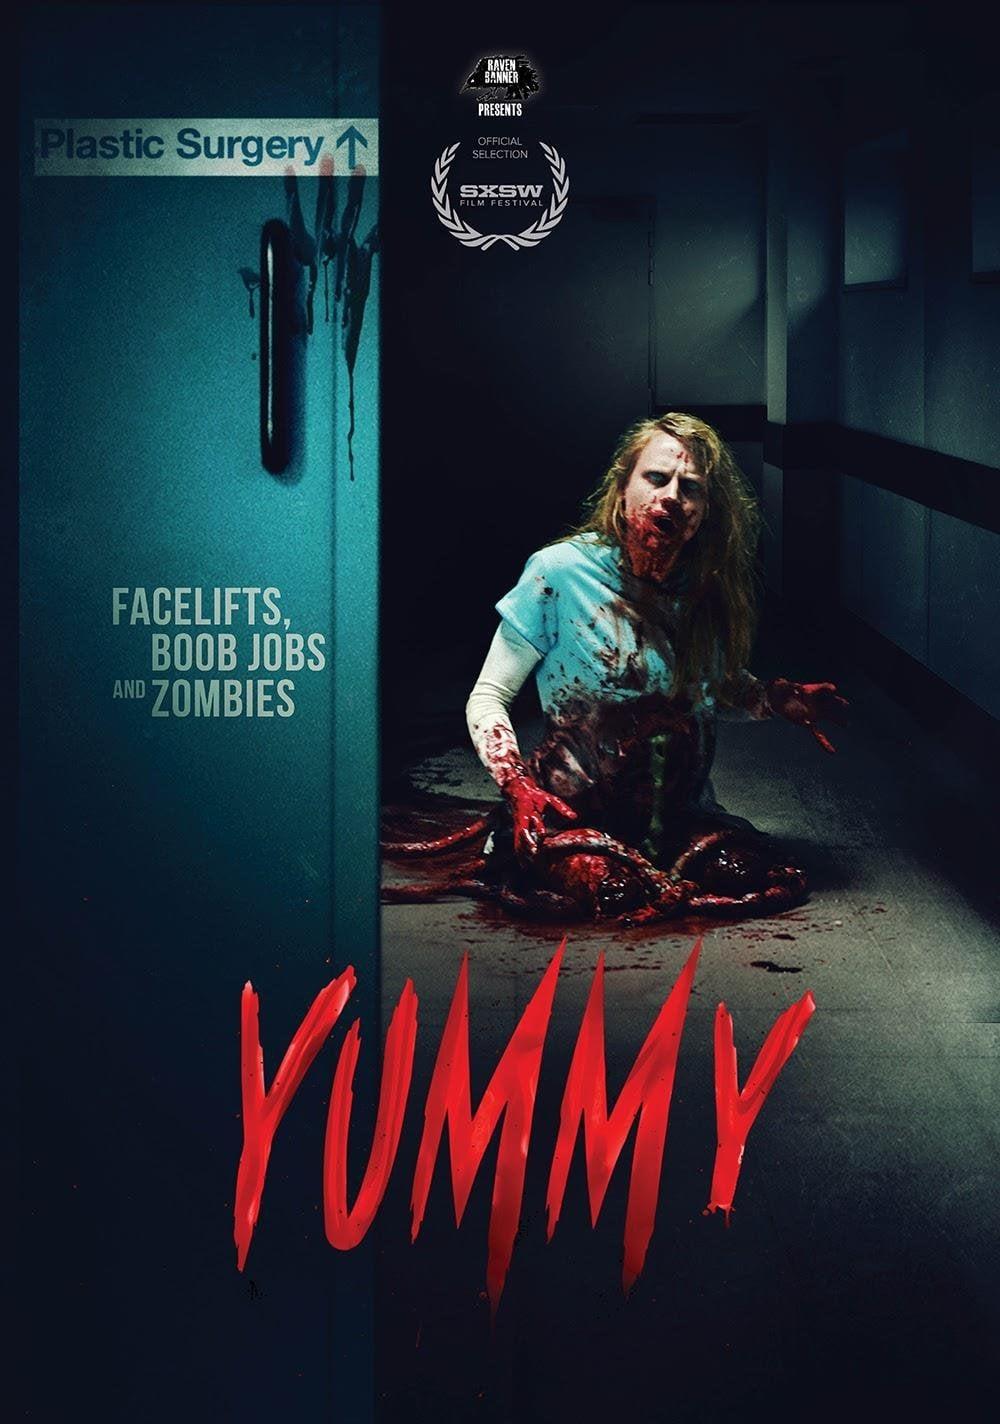 Yummy - 2020